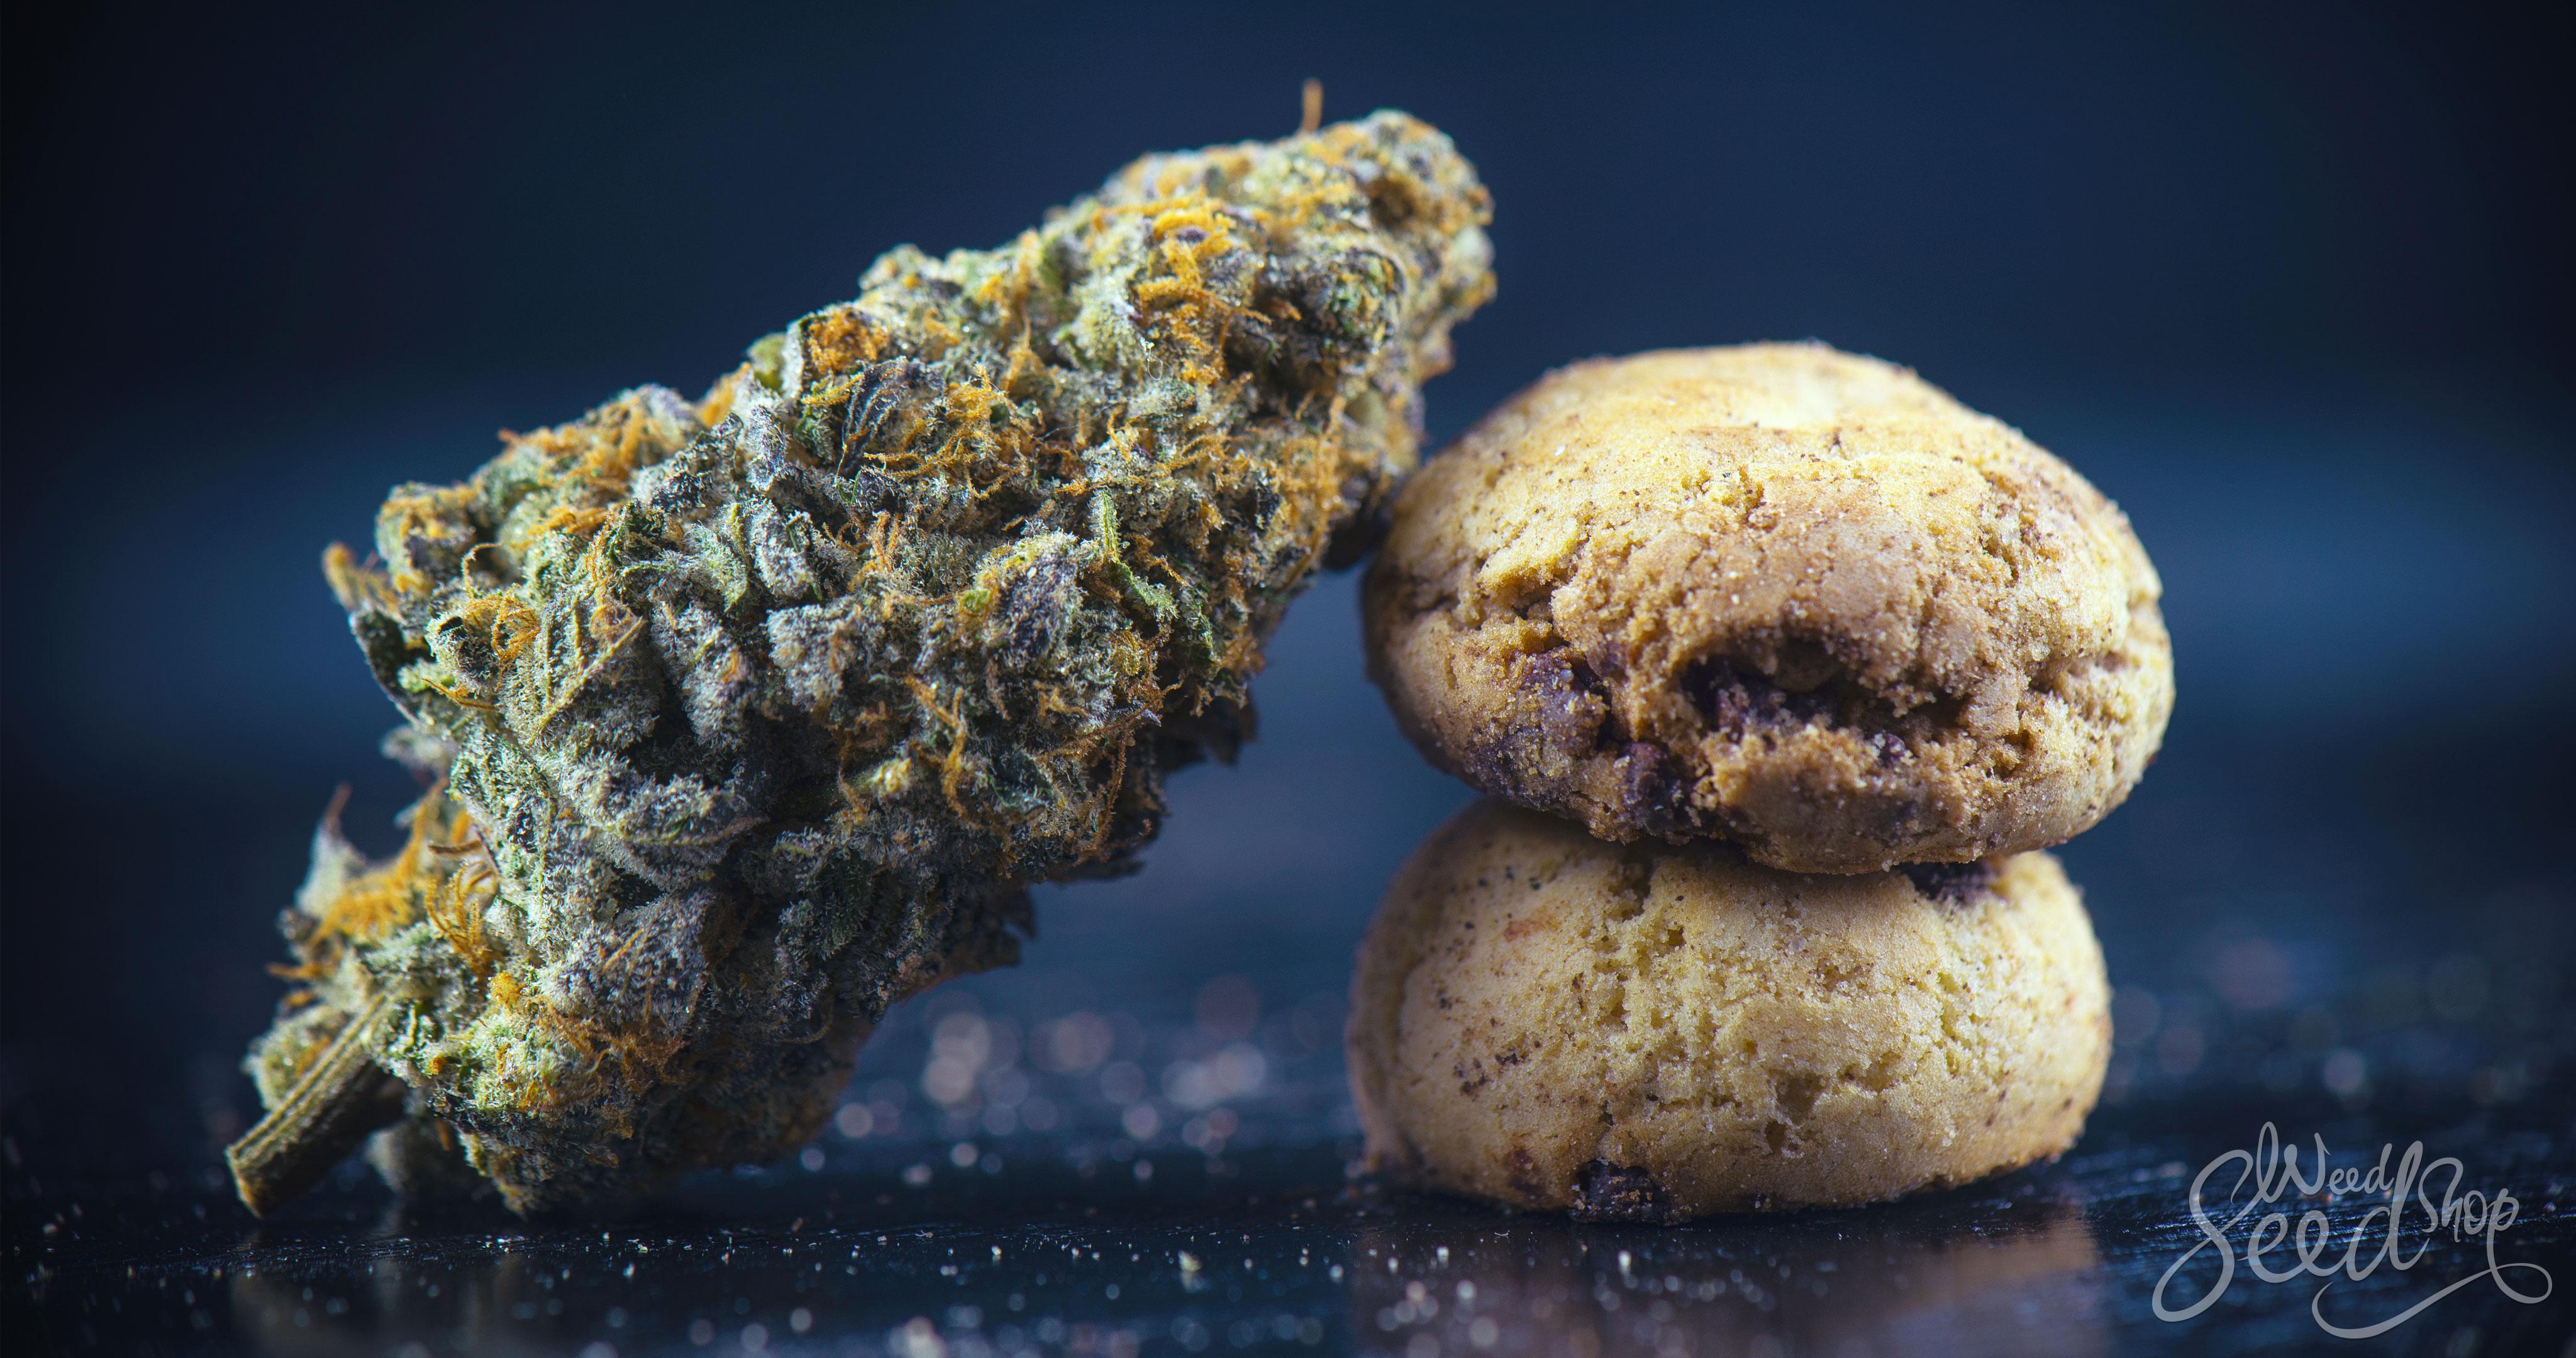 Top 15 Cannabis Edibles Zum Kaufen! - WeedSeedShop